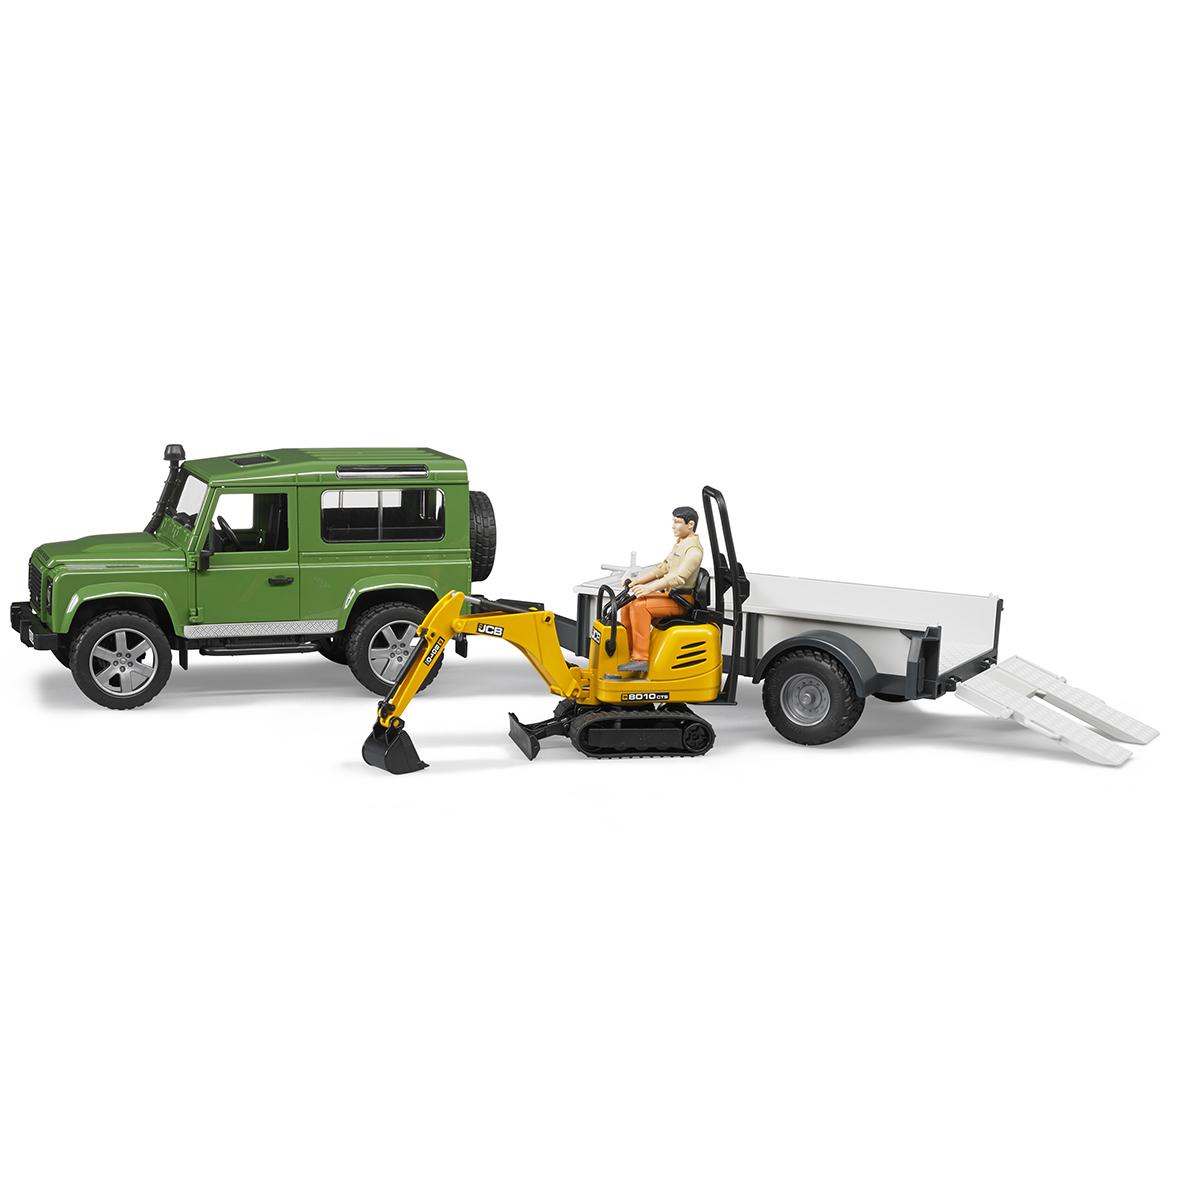 Bruder Внедорожник Land Rover Defender c прицепом-платформой 02-593